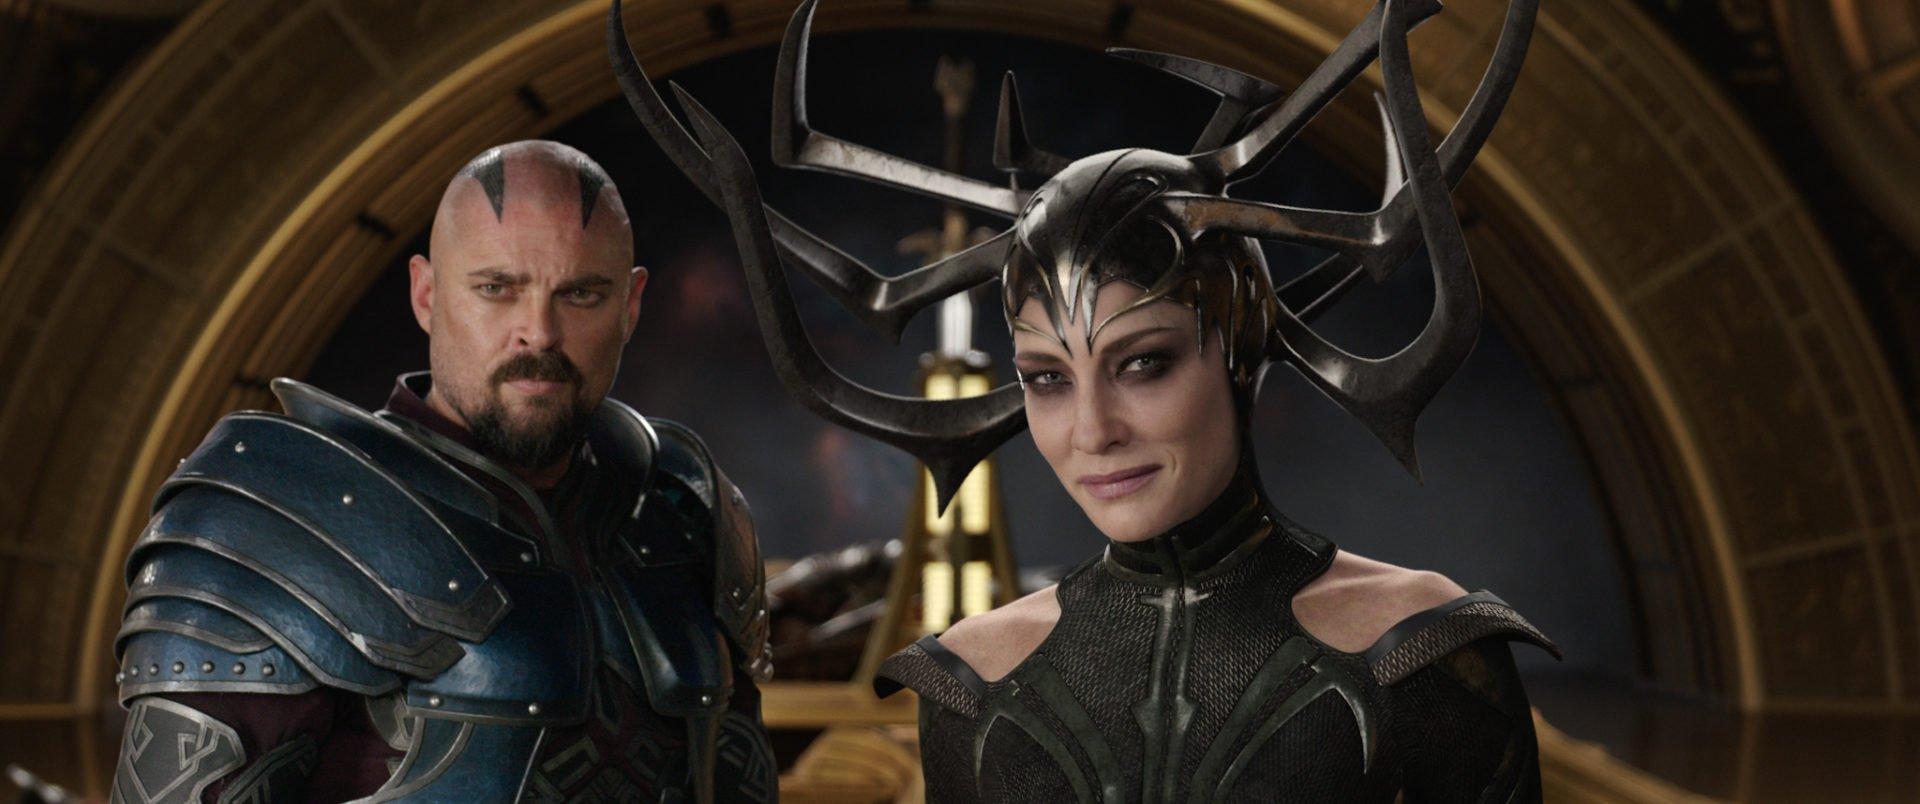 Skurge (Karl Urban) und Hela (Cate Blanchett) stehen in einer Halle in Asgard in einem Szenenbild für Kritik Thor Tag der Entscheidung